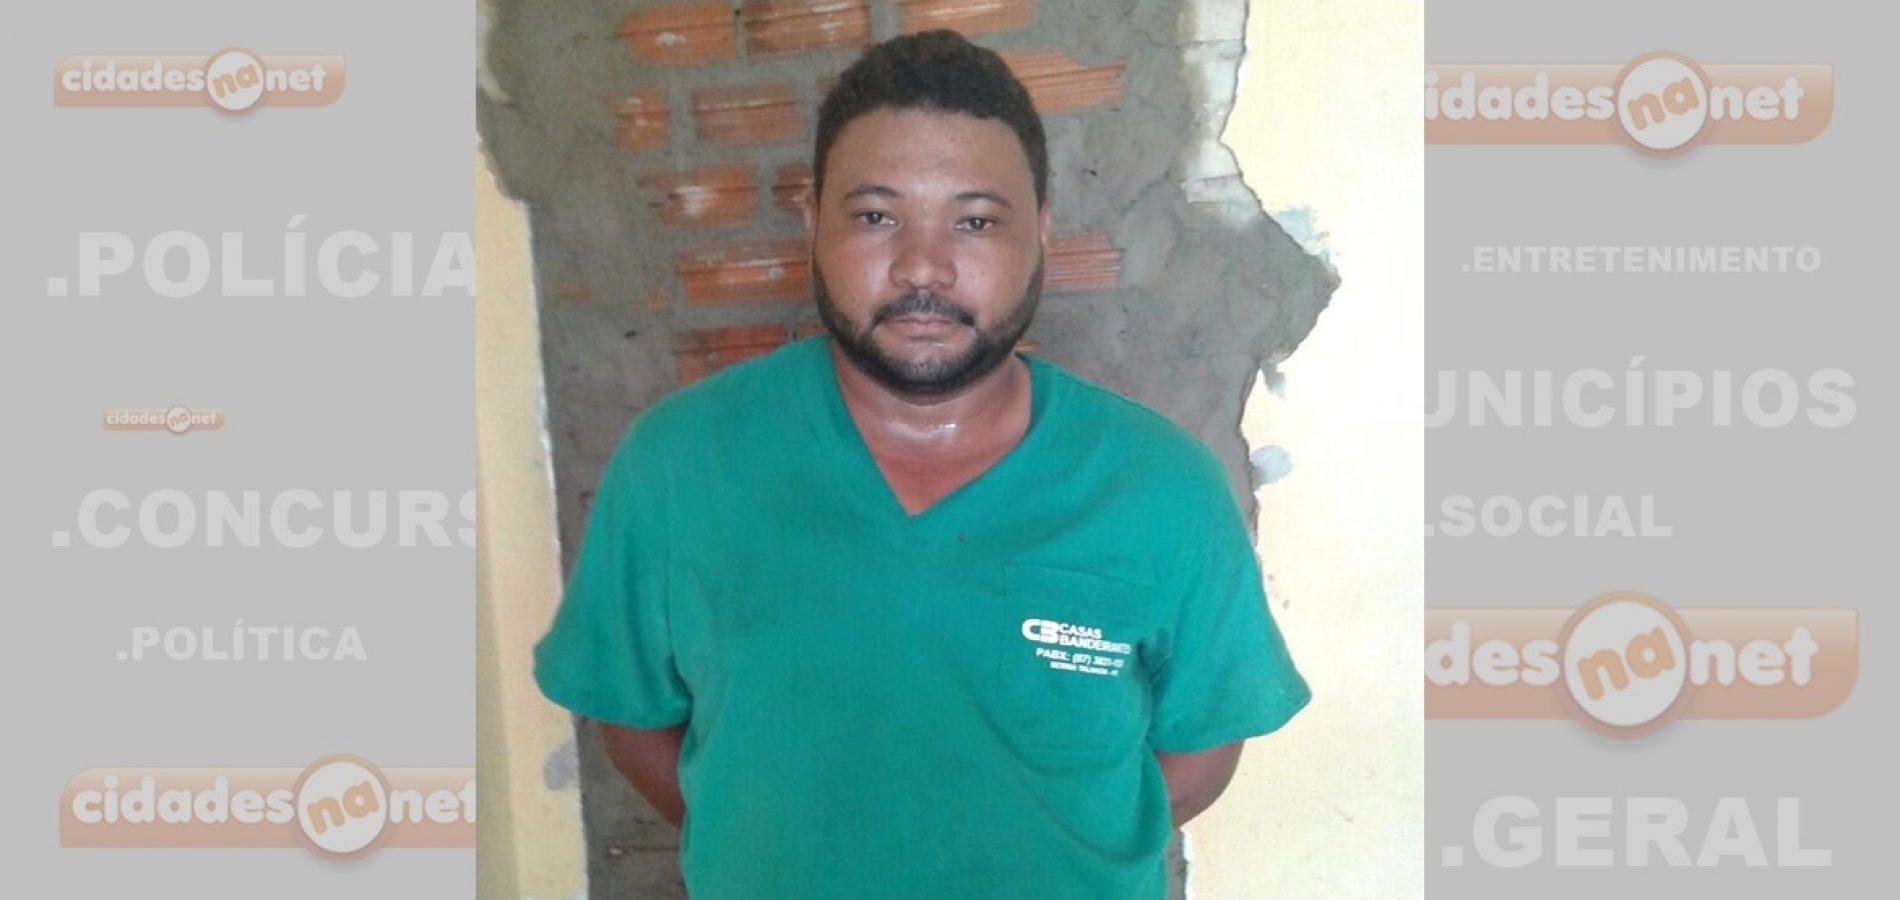 Viajante é preso após furtar aparelho celular em Patos do Piauí